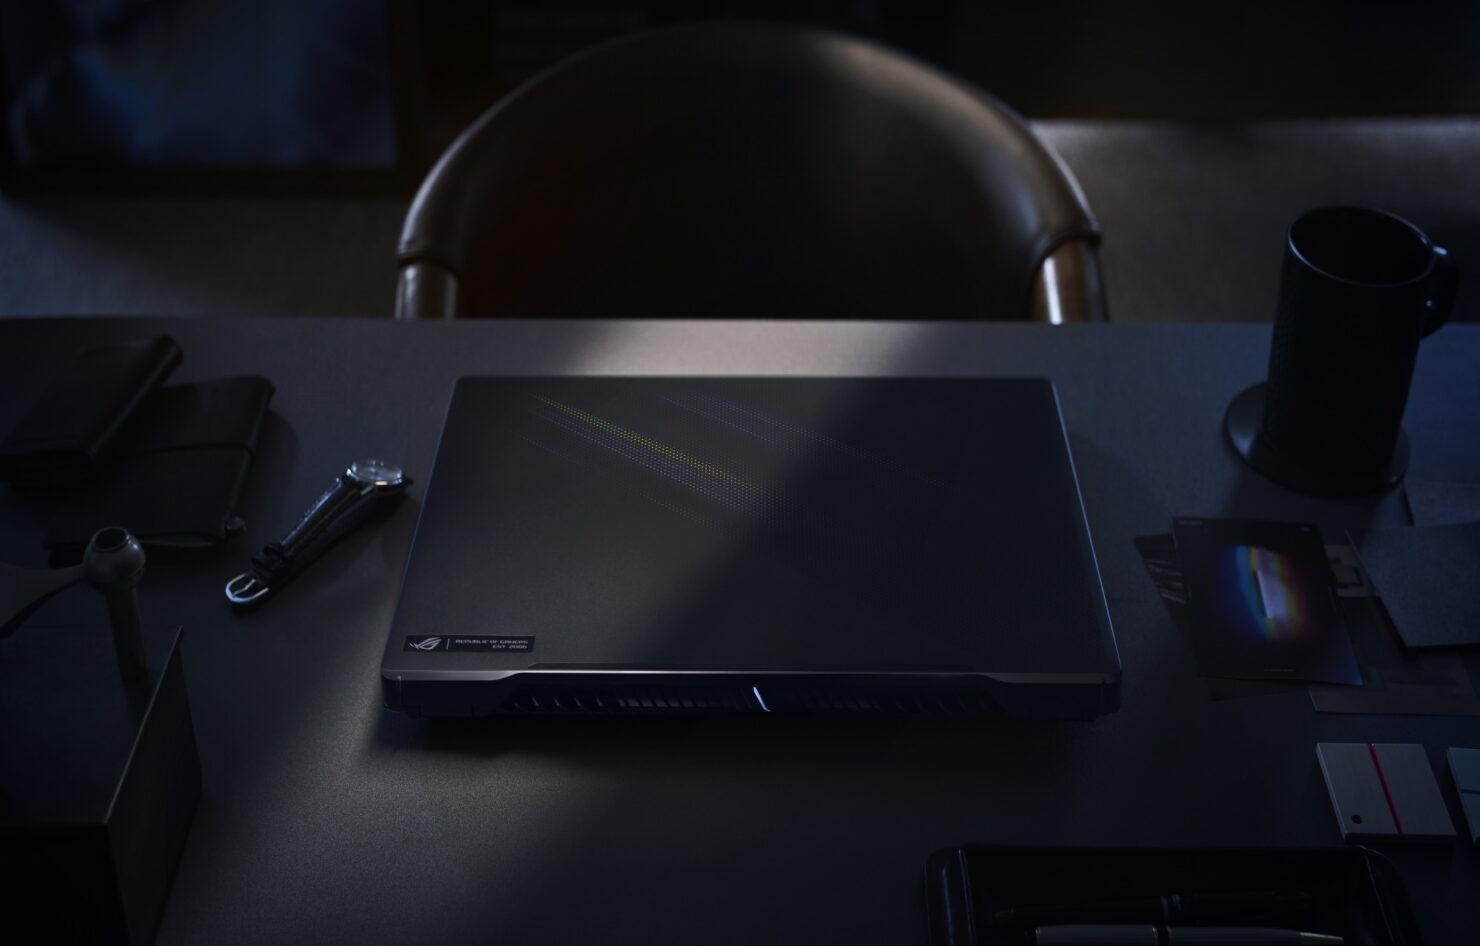 asus-rog-zephyrus-m16-gaming-laptop-_1